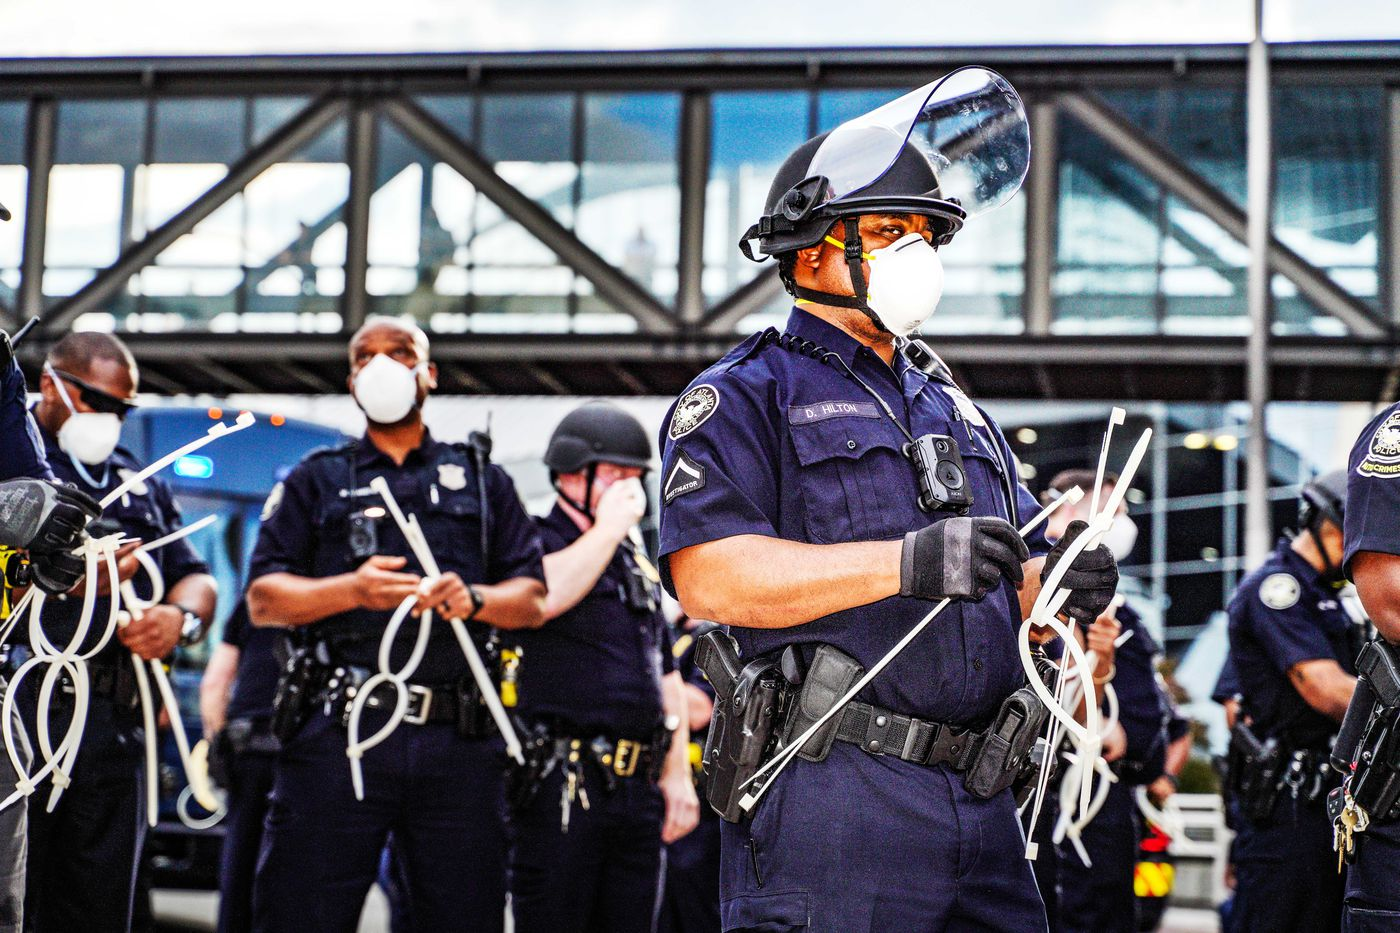 洛杉矶市警局局长:执法人员可能比普通人更容易出现心理健康问题